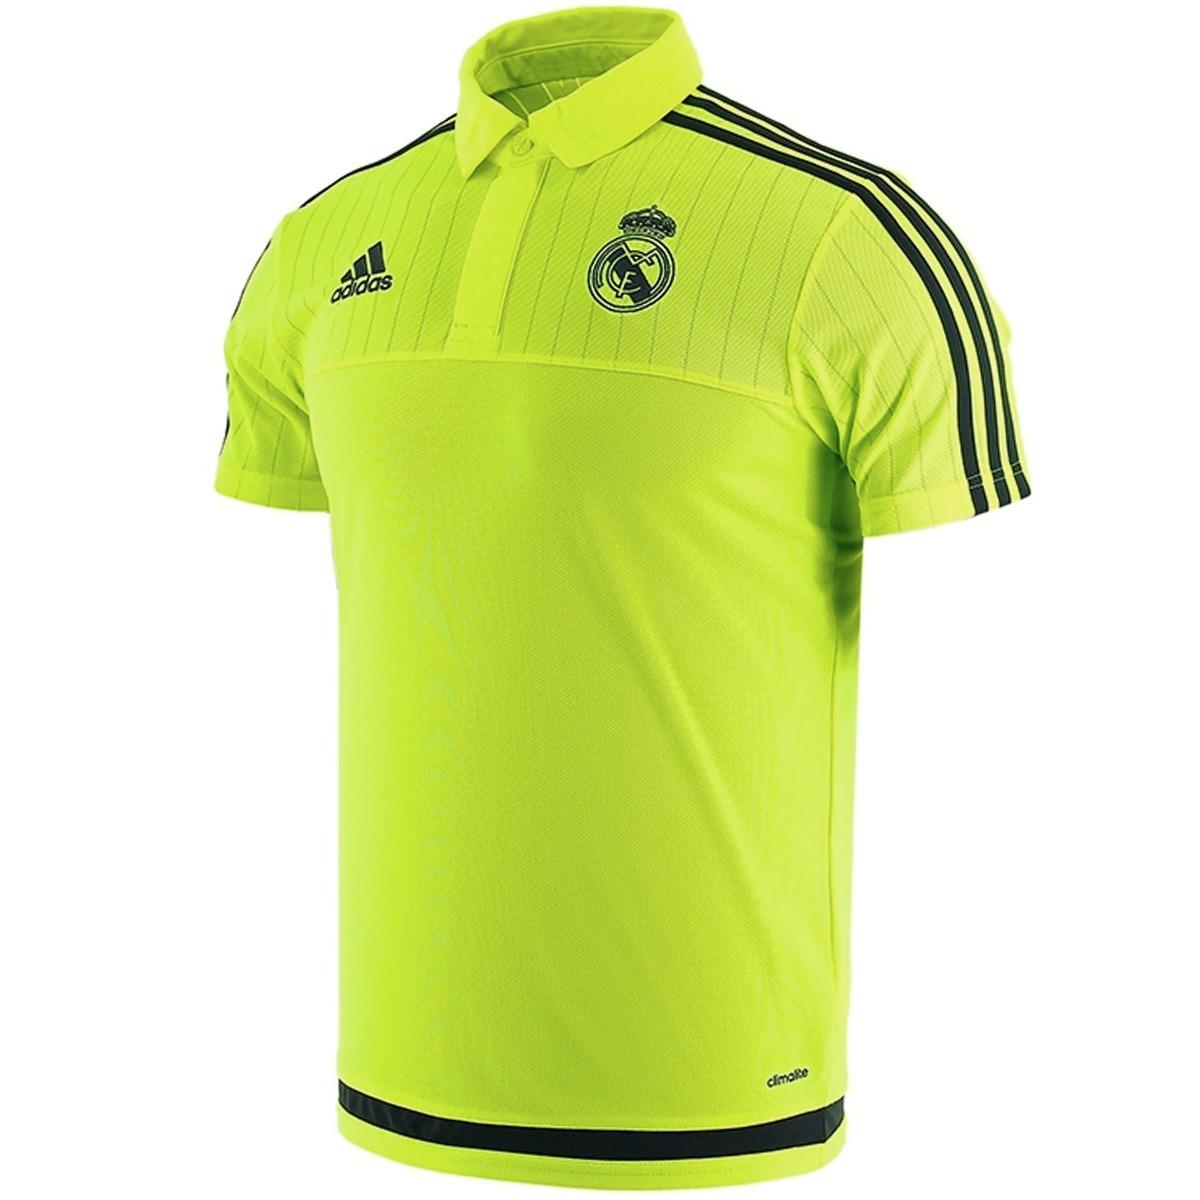 Playera Polo Real Madrid Climate Hombre adidas S88941 -   399.00 en Mercado  Libre 654e025c4ca51